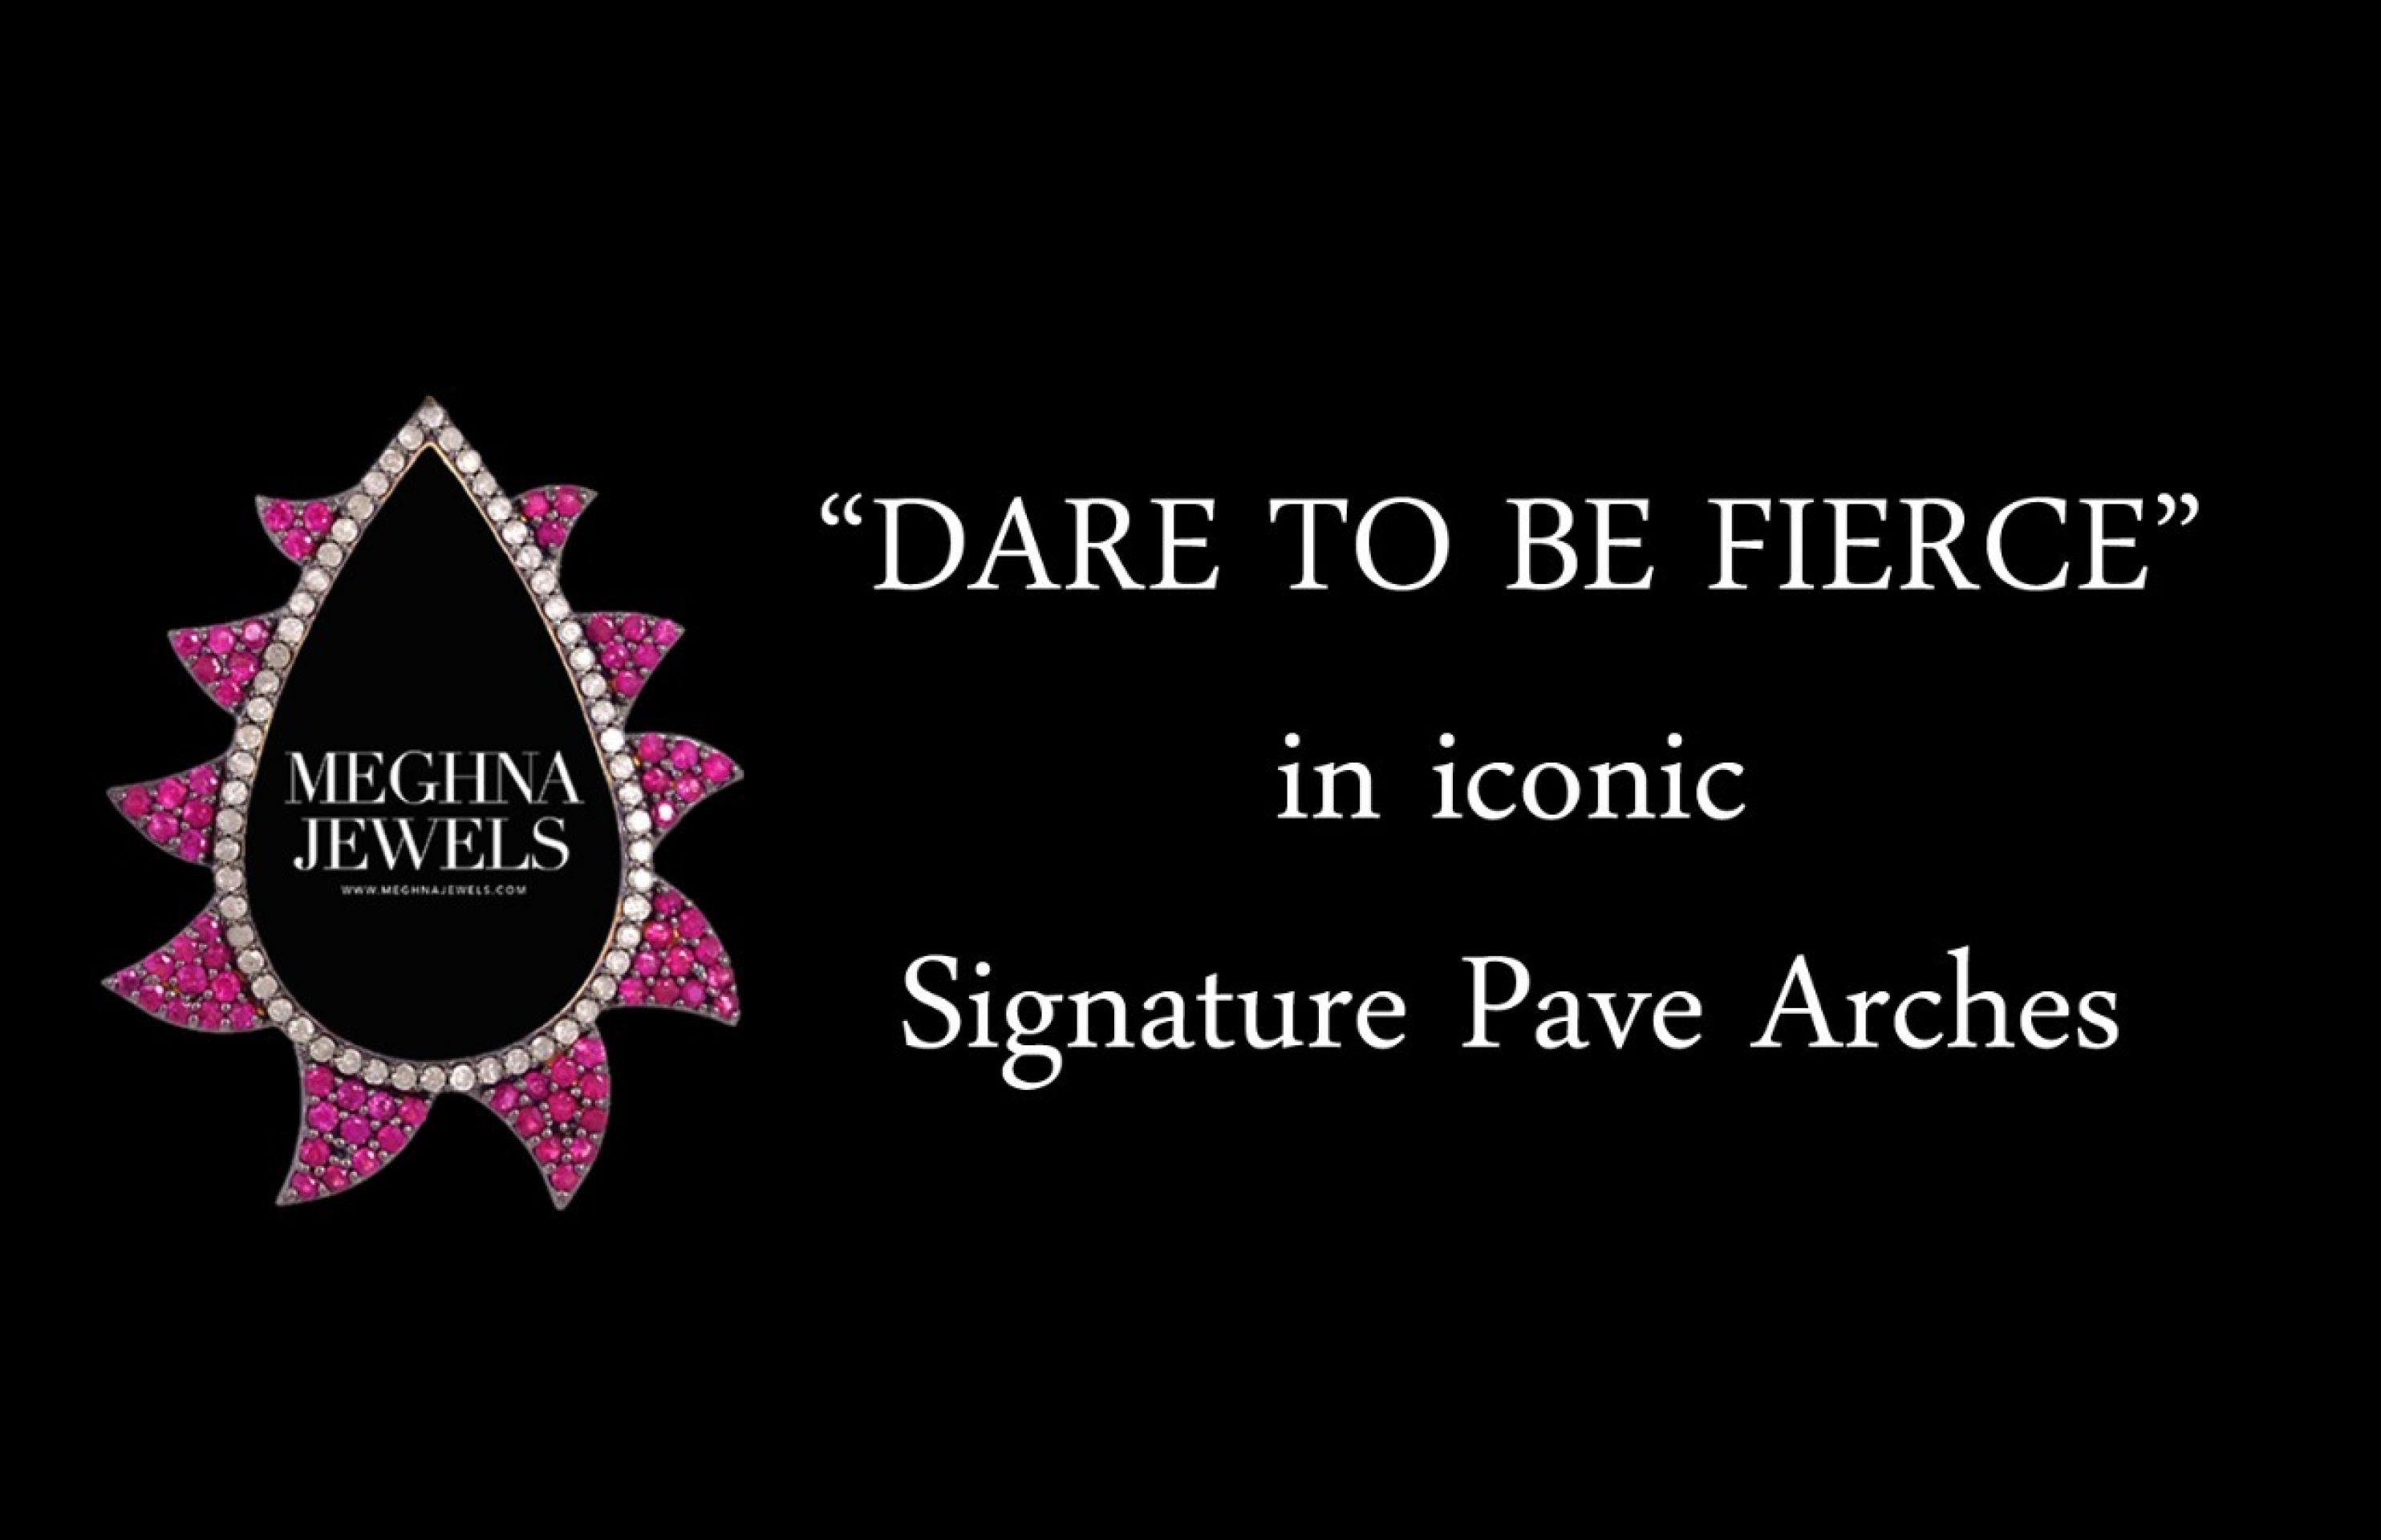 Meghna Jewels Flame Earrings Black Onyx & Diamonds